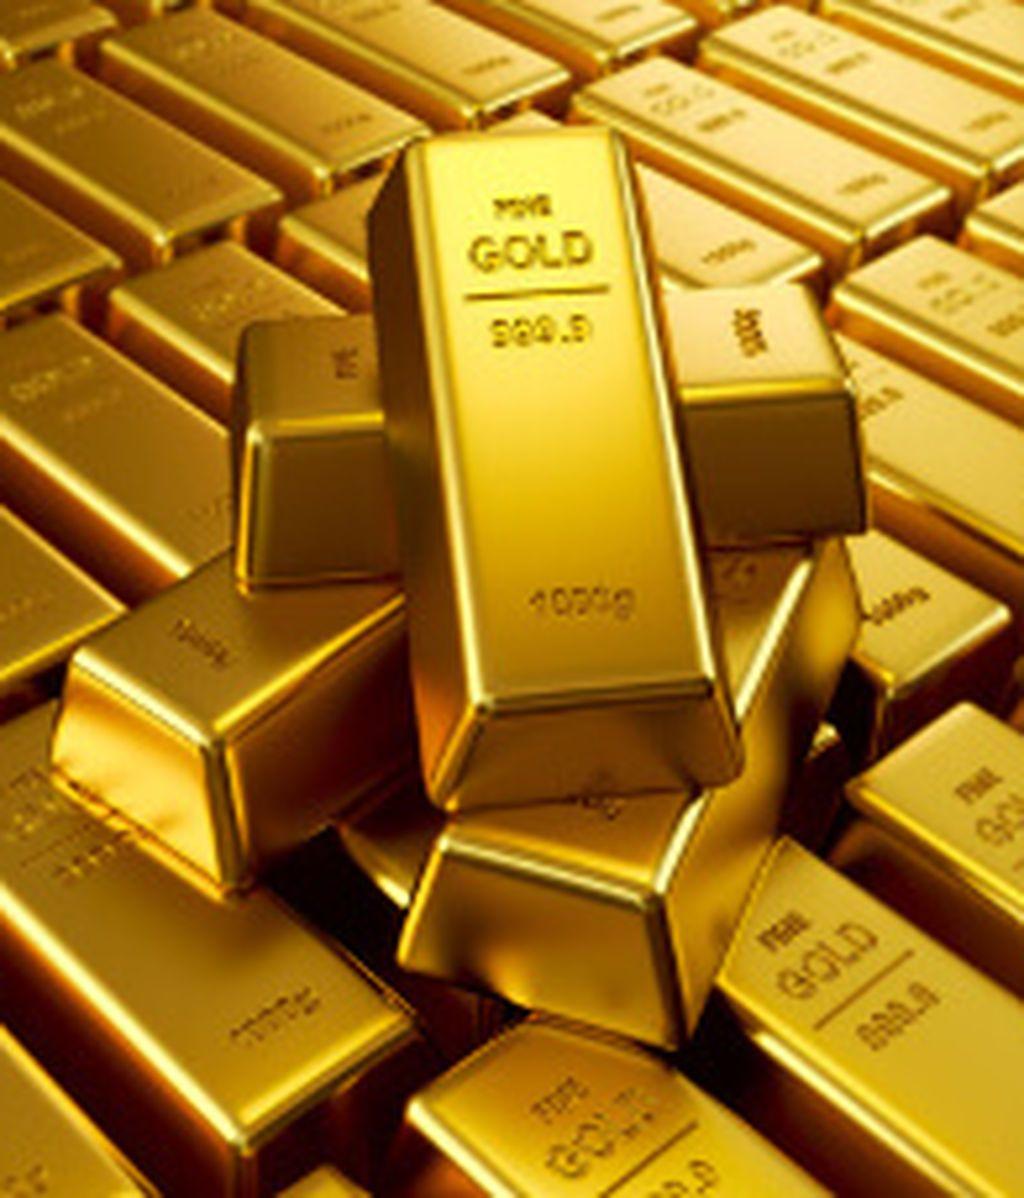 Un australiano encuentra una pepita de oro de 1,4 kilos con un detector de metales